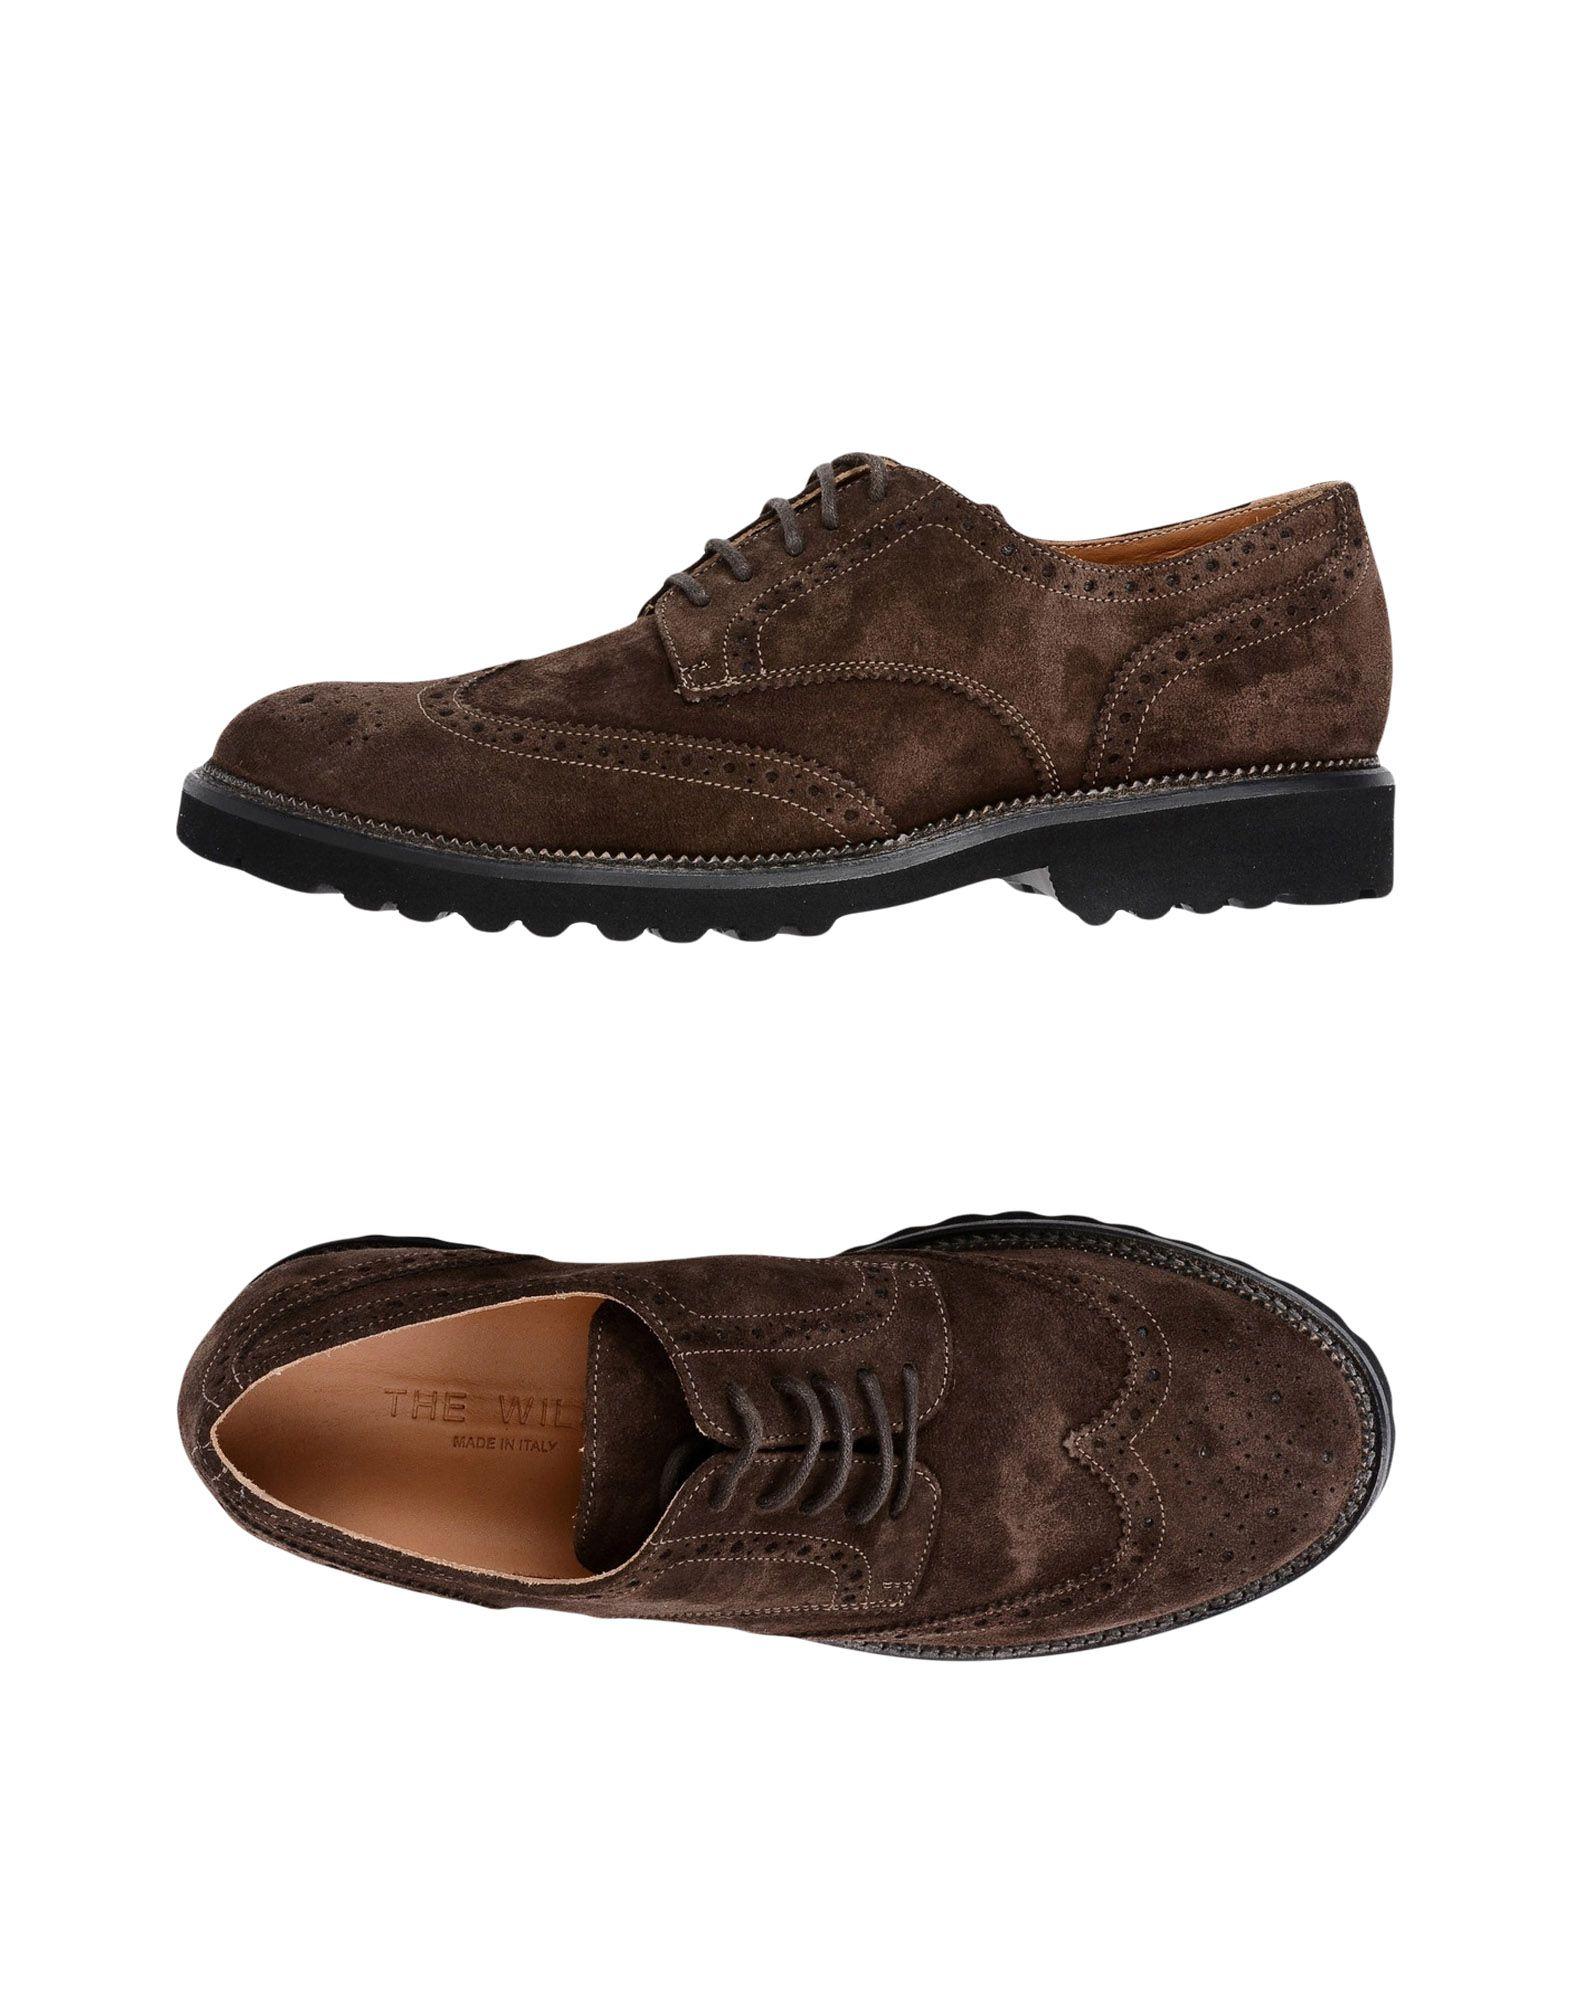 Rabatt echte Schuhe The Willa Schnürschuhe Herren  11330069LX